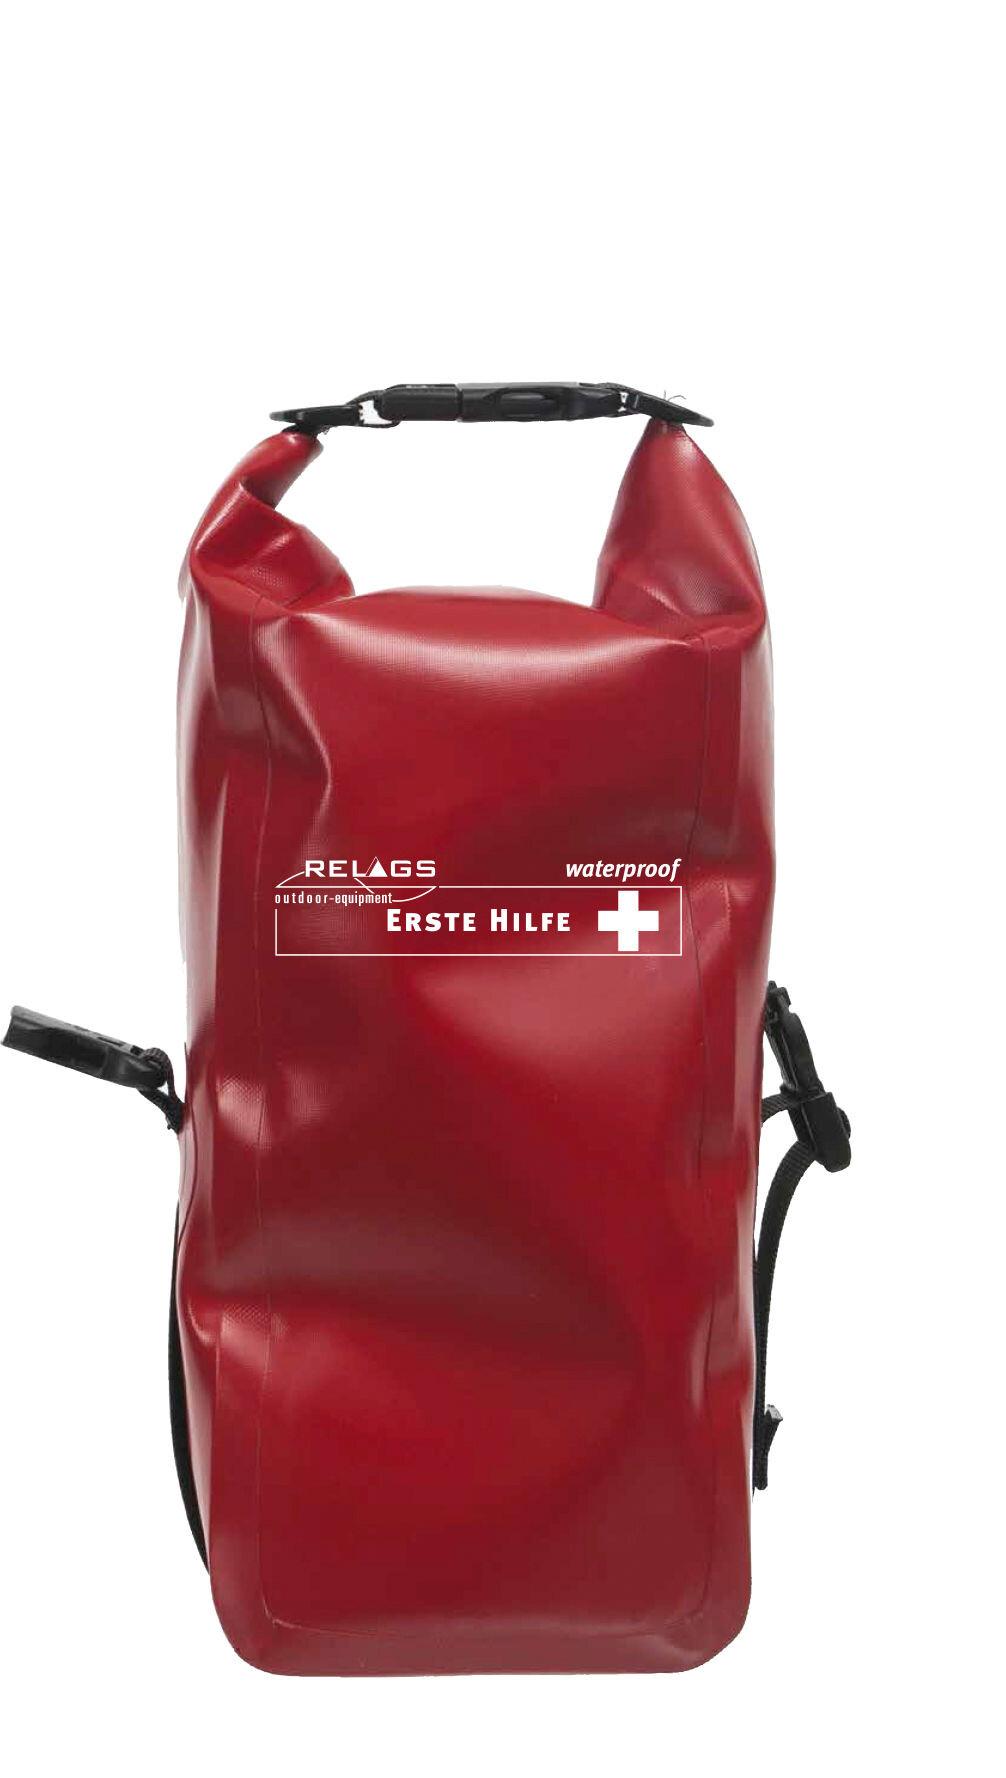 Relags Erste Hilfe standard vandtæt (2019) | Travel bags